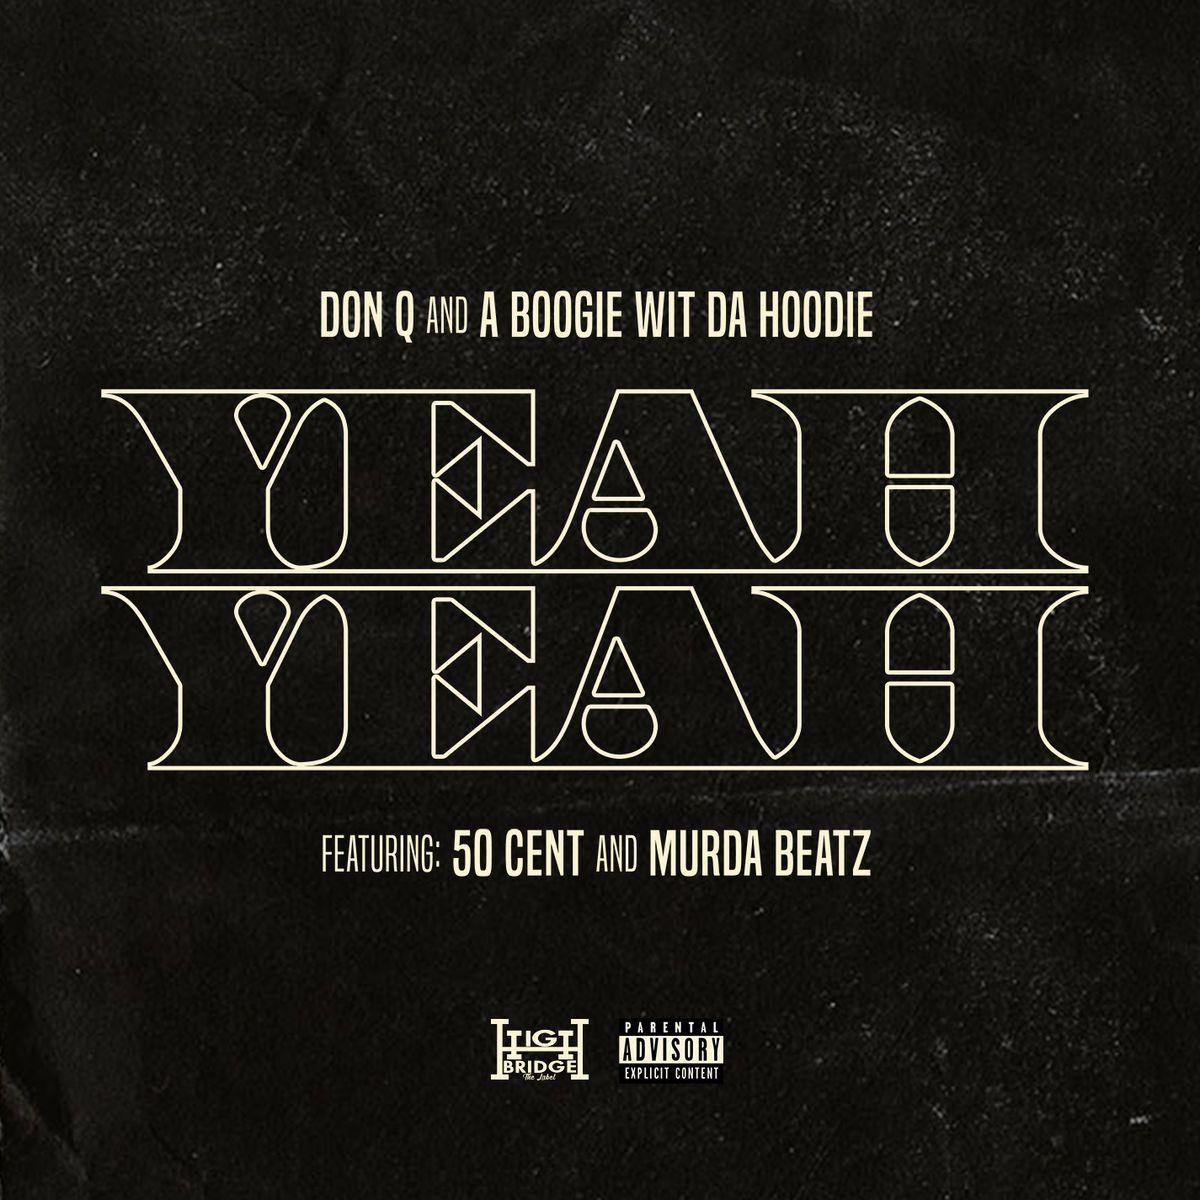 """New Music: A Boogie & Don Q – """"Yeah Yeah"""" (feat. 50 Cent & Murda Beatz)"""